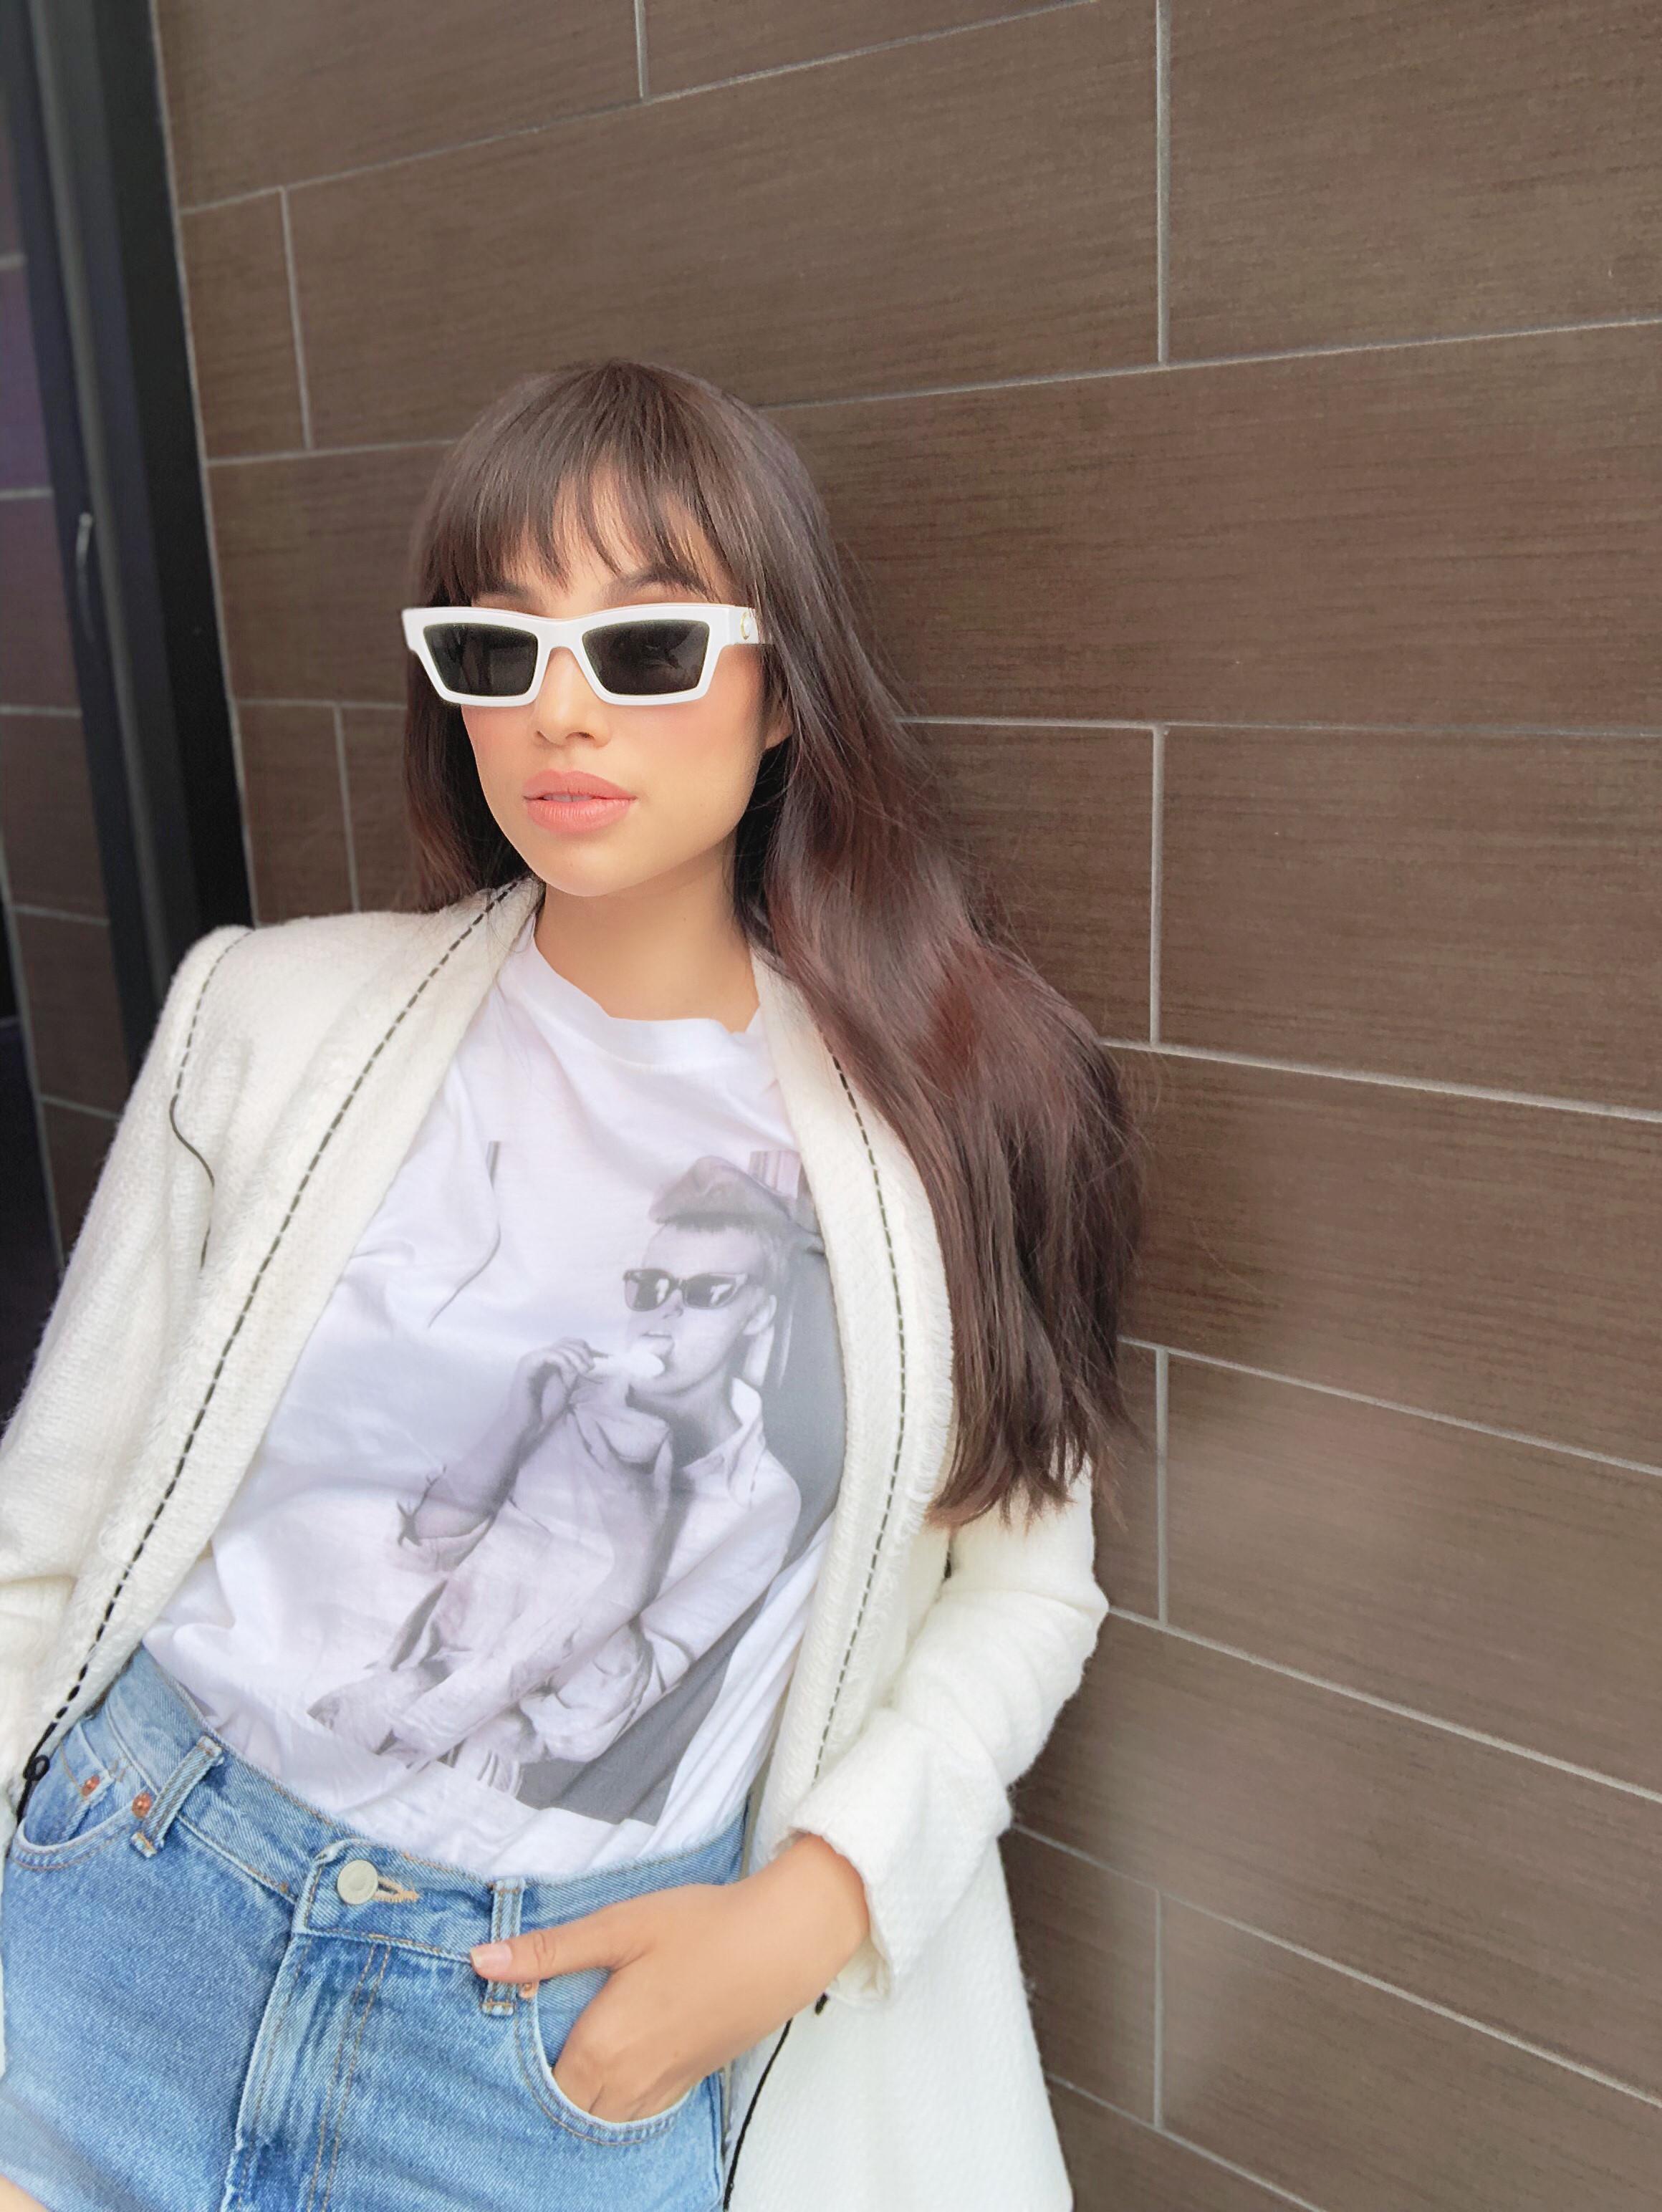 Hoa hậu Phạm Hương lên tiếng khi bị nhận xét ăn mặc quá sexy Ảnh 2